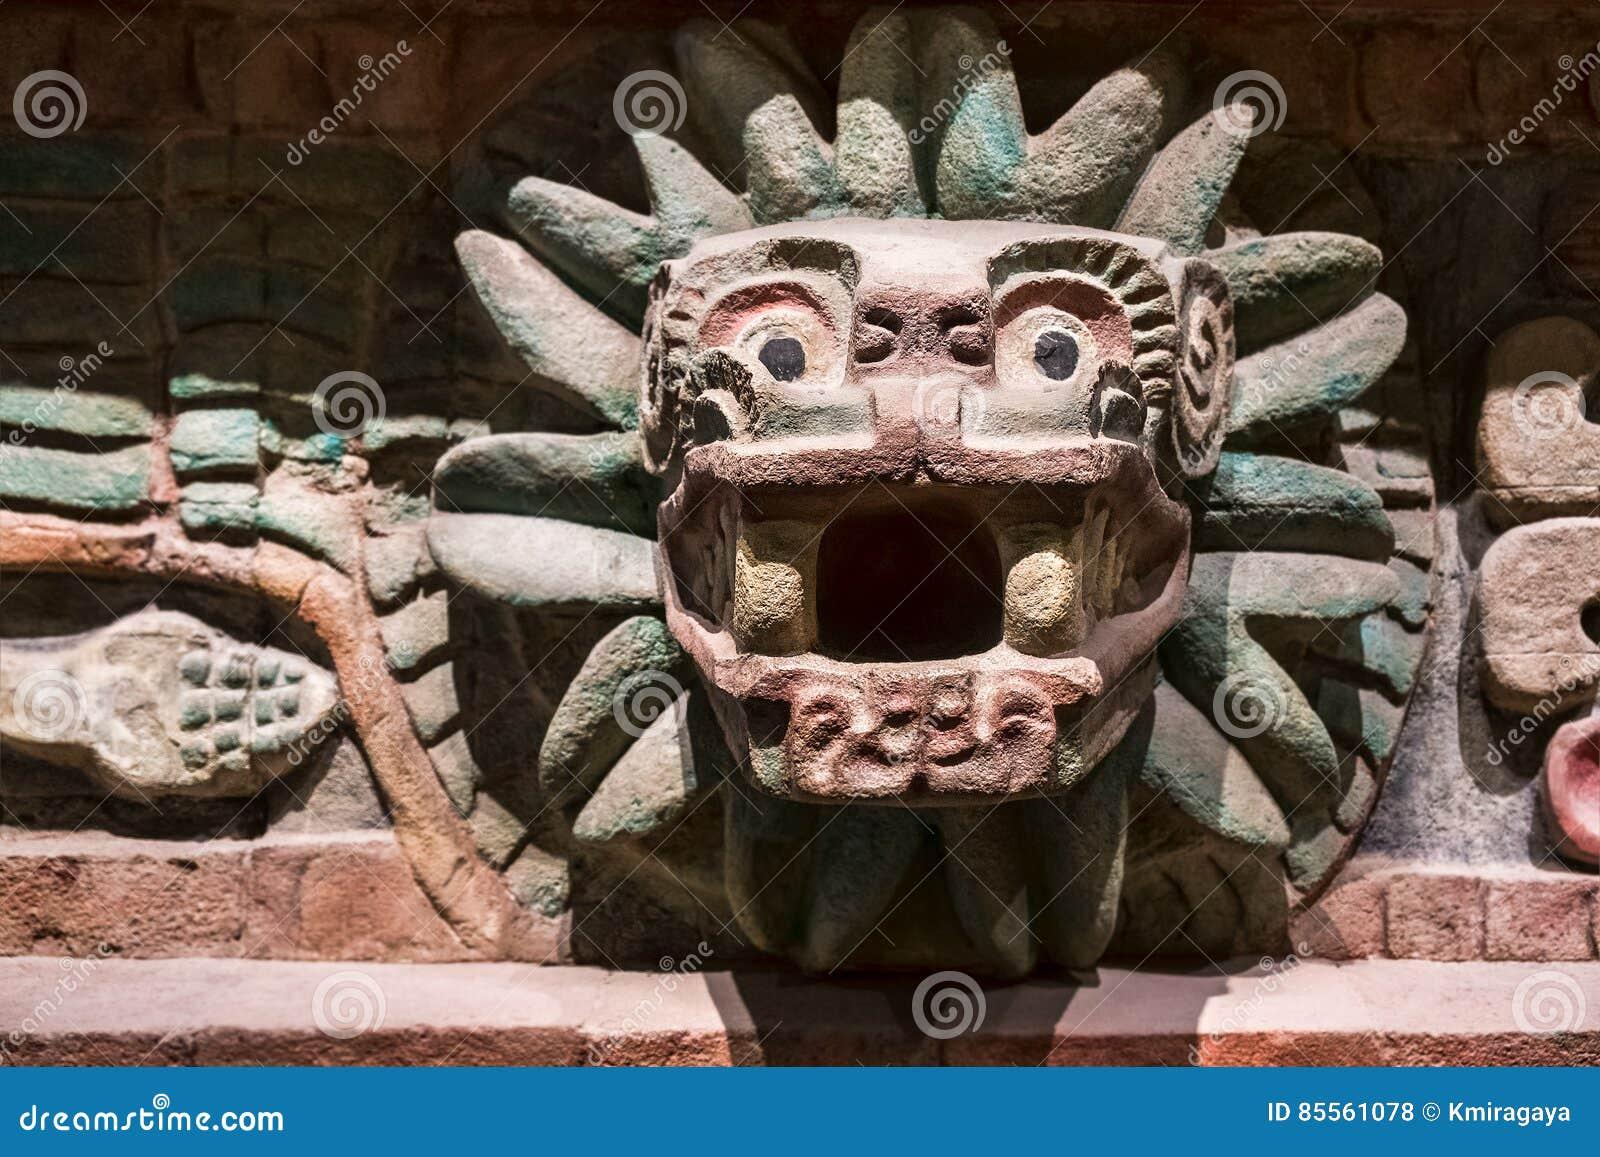 Tier schnitzte an einem alten aztekischen Tempel in Mexiko